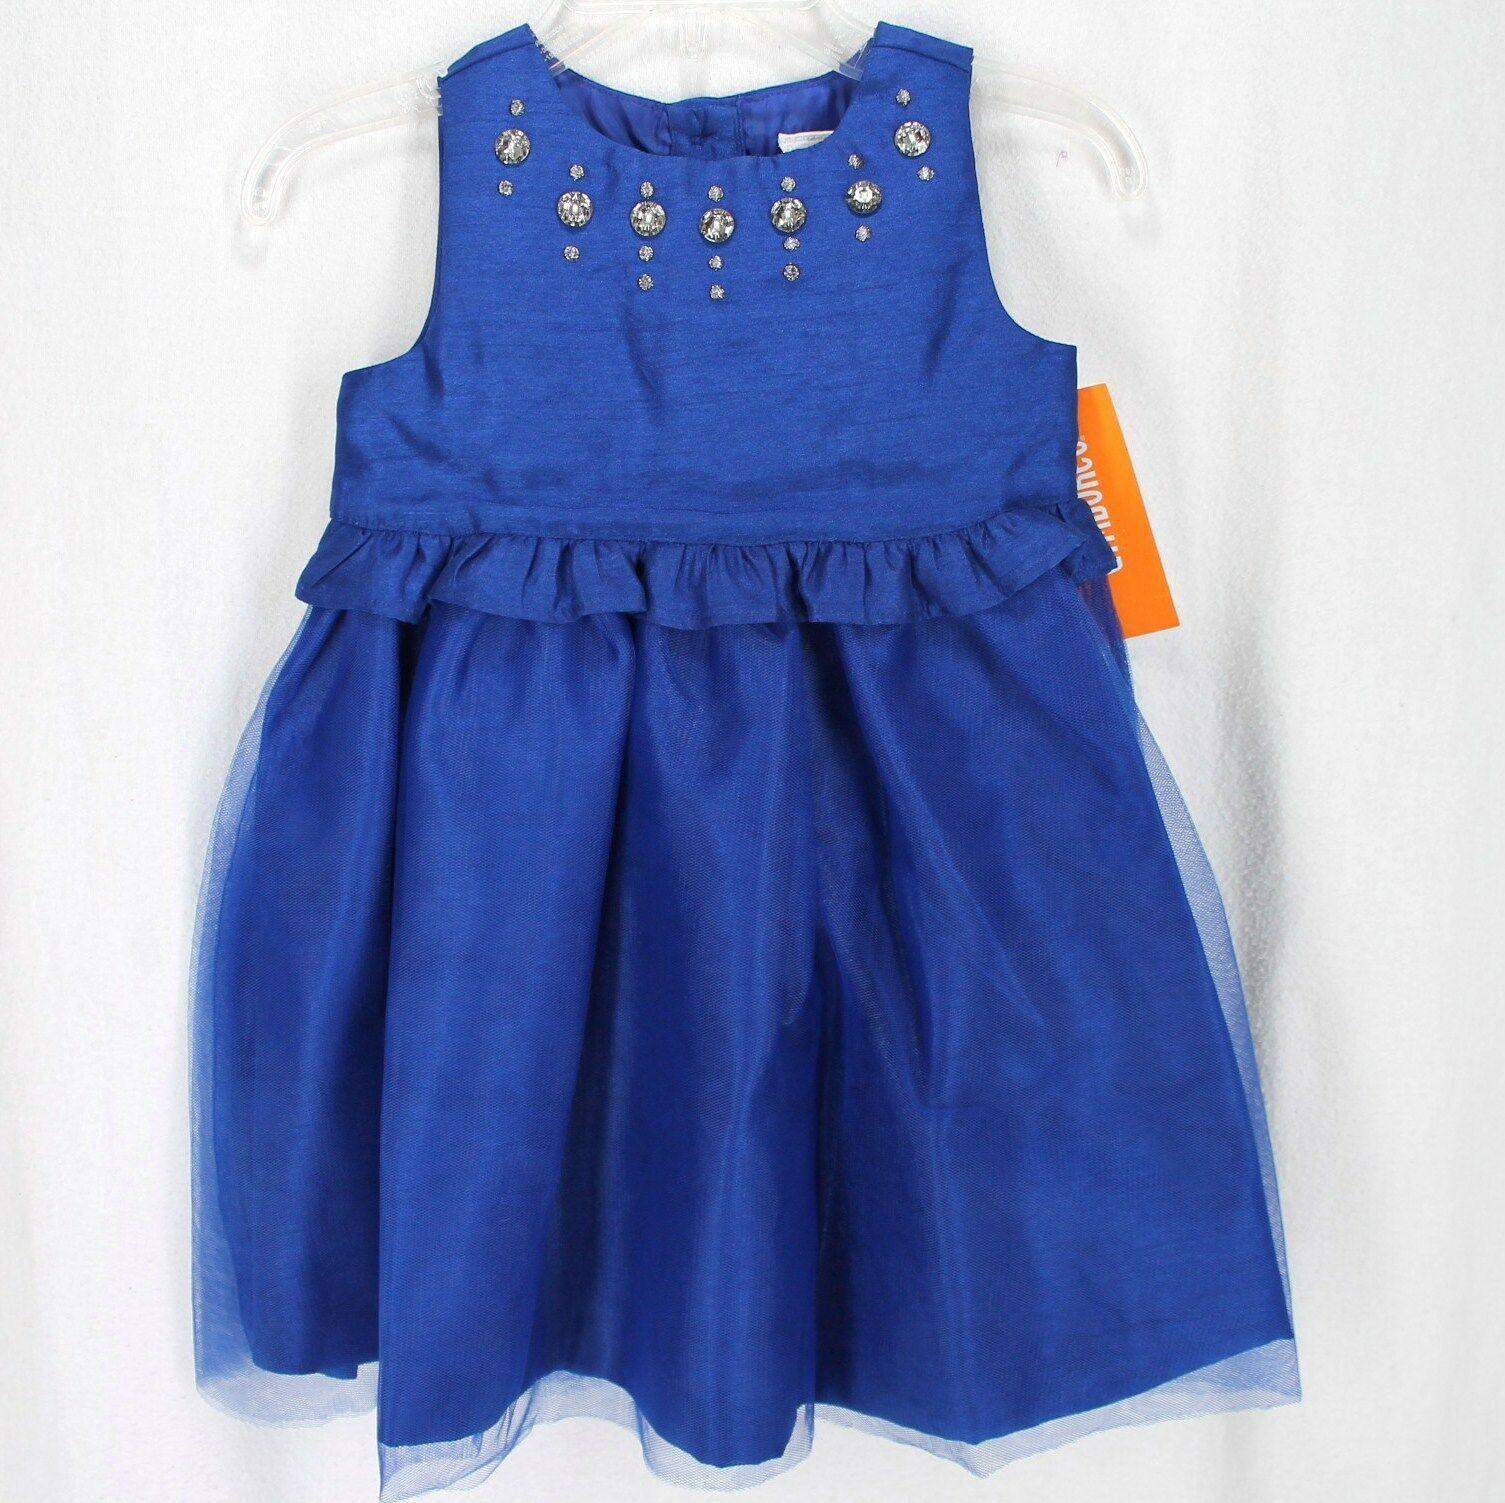 NWT Gymboree KITTY IN PINK SZ 2T 3T  Daisy Dress Tights /& Cardigan 3 pcs